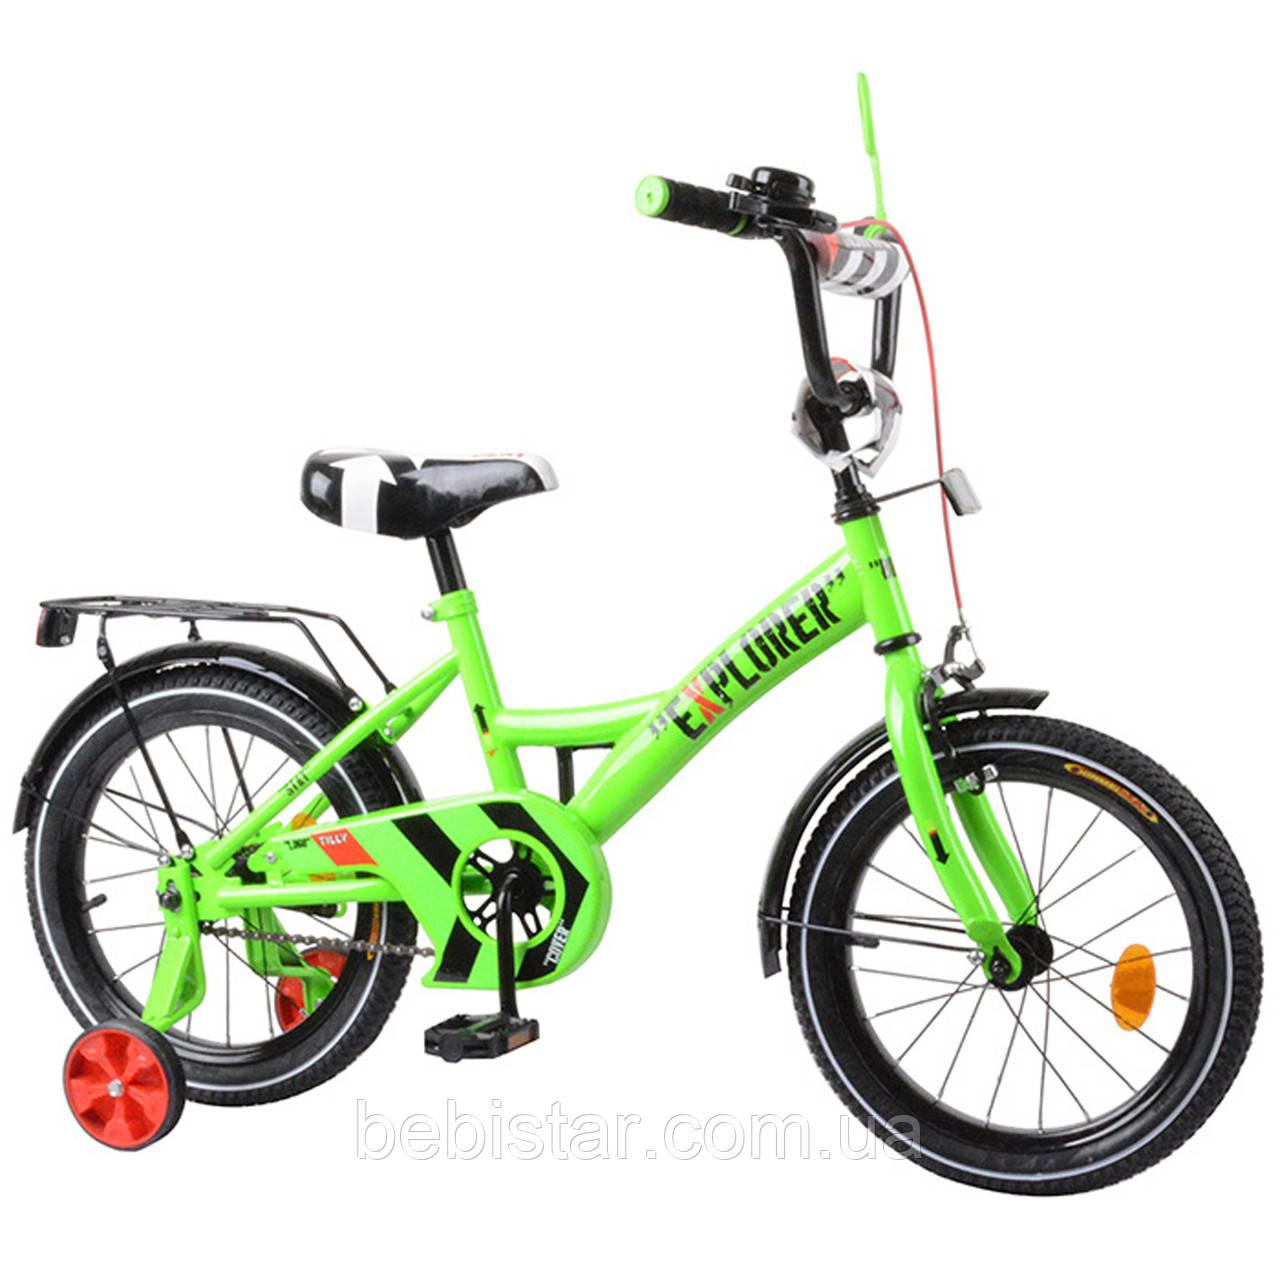 """Детский двухколесный велосипед зеленый TILLY EXPLORER 16"""" звоночек, передний тороз для деток 4-6 лет"""